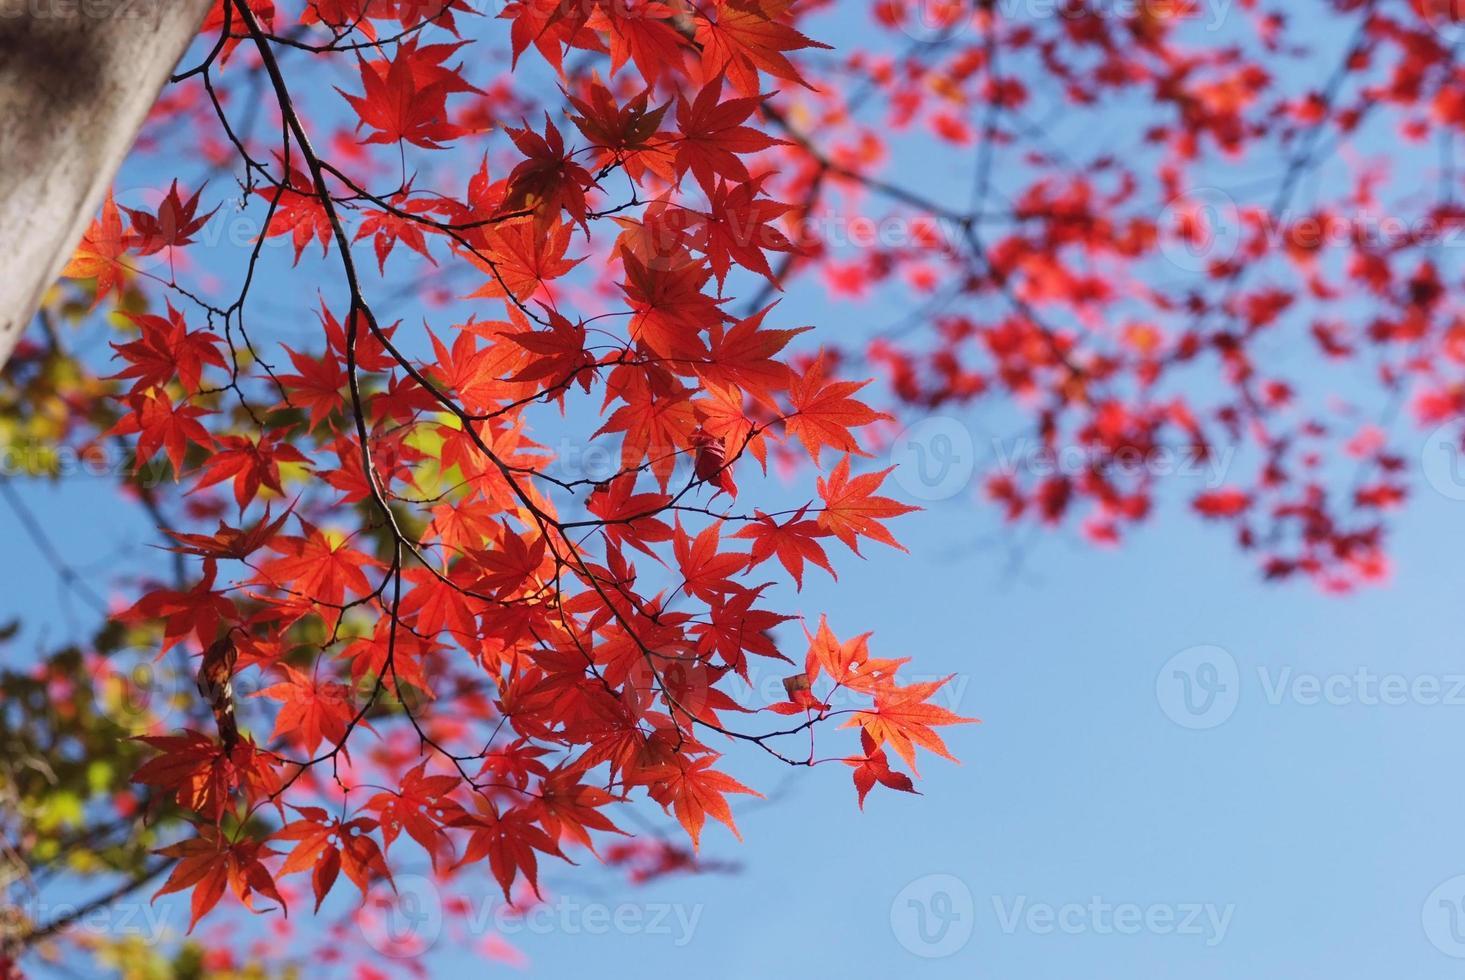 hojas de arce rojo oscuro foto